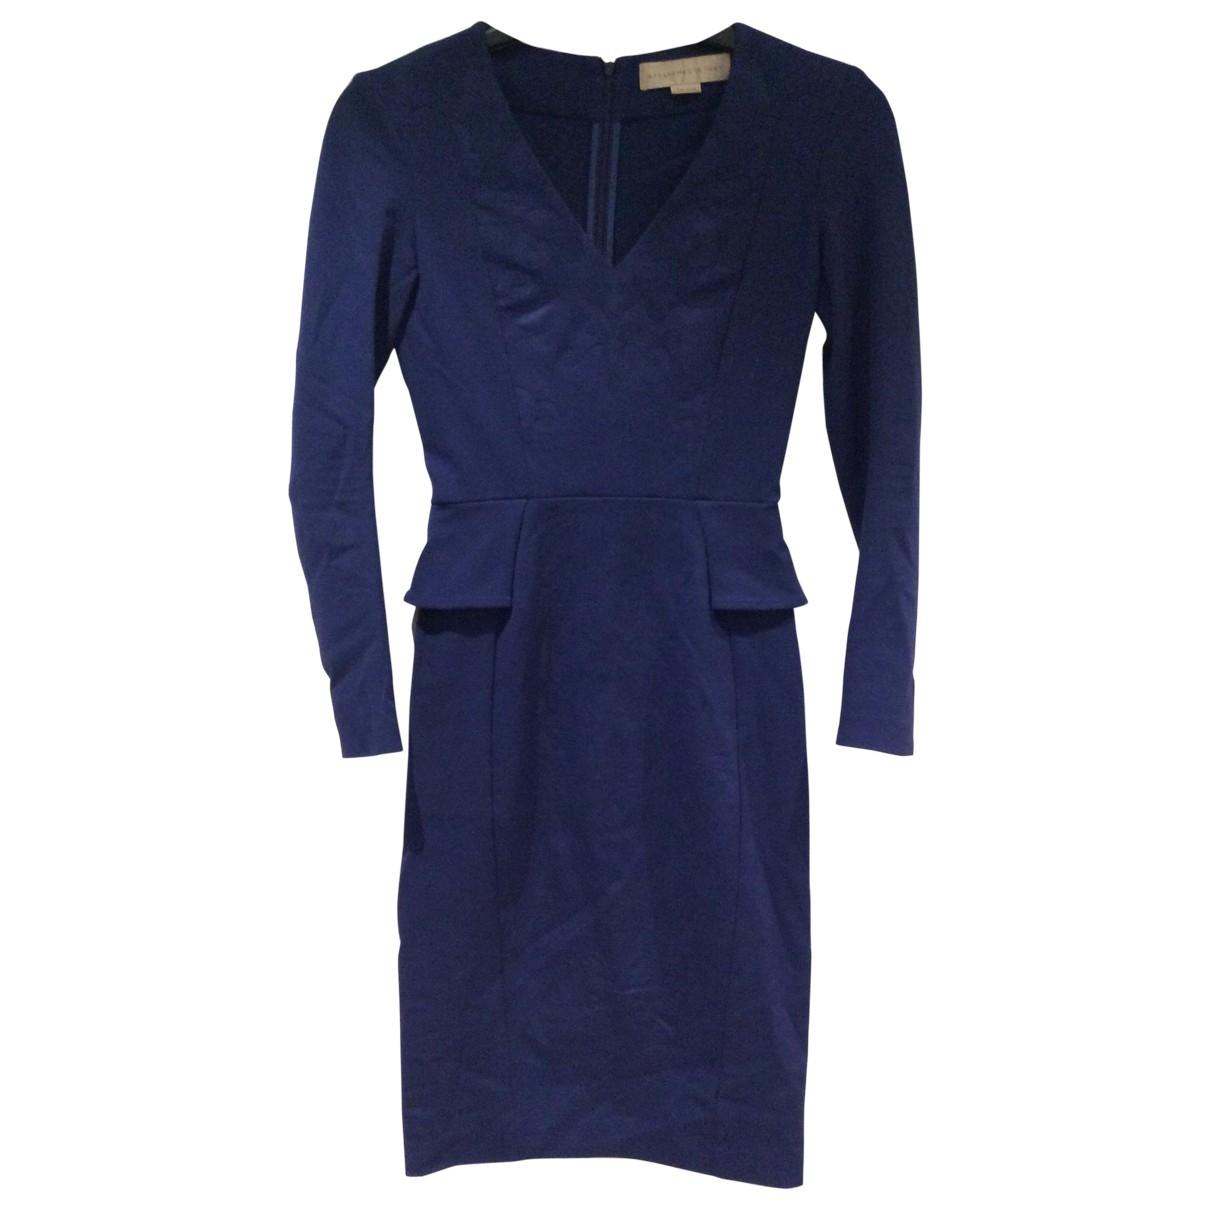 Stella Mccartney \N Blue dress for Women 38 IT